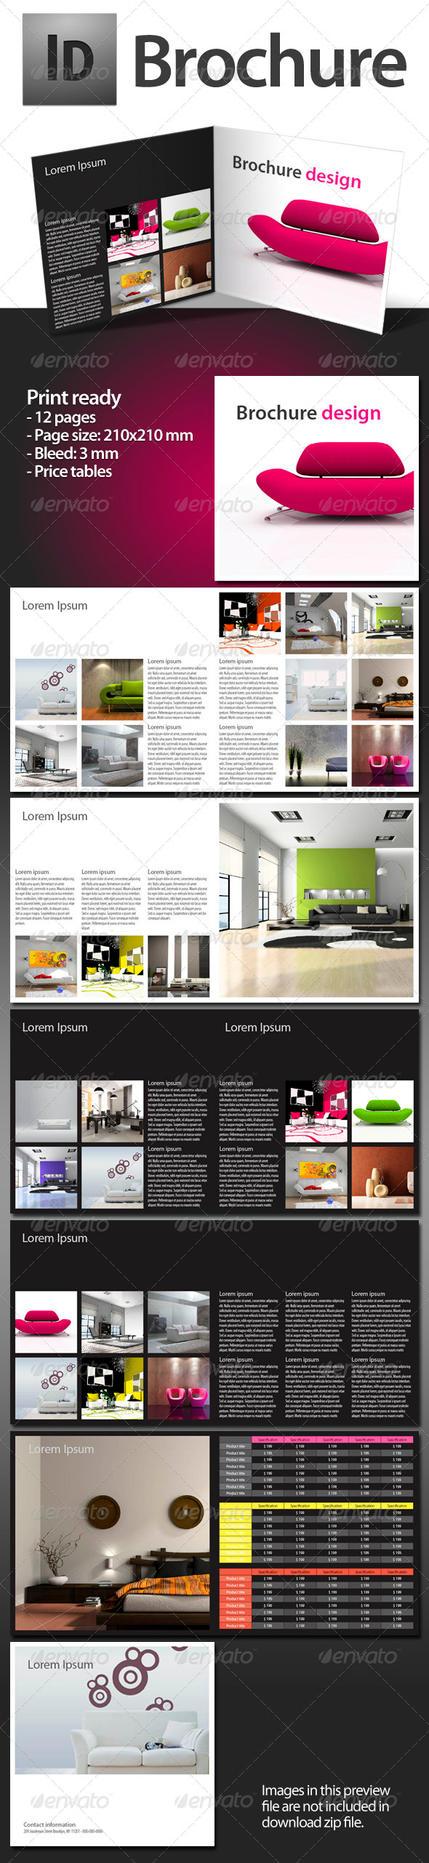 Brochure indesign template by bydj on deviantart for Indesign portfolio template free